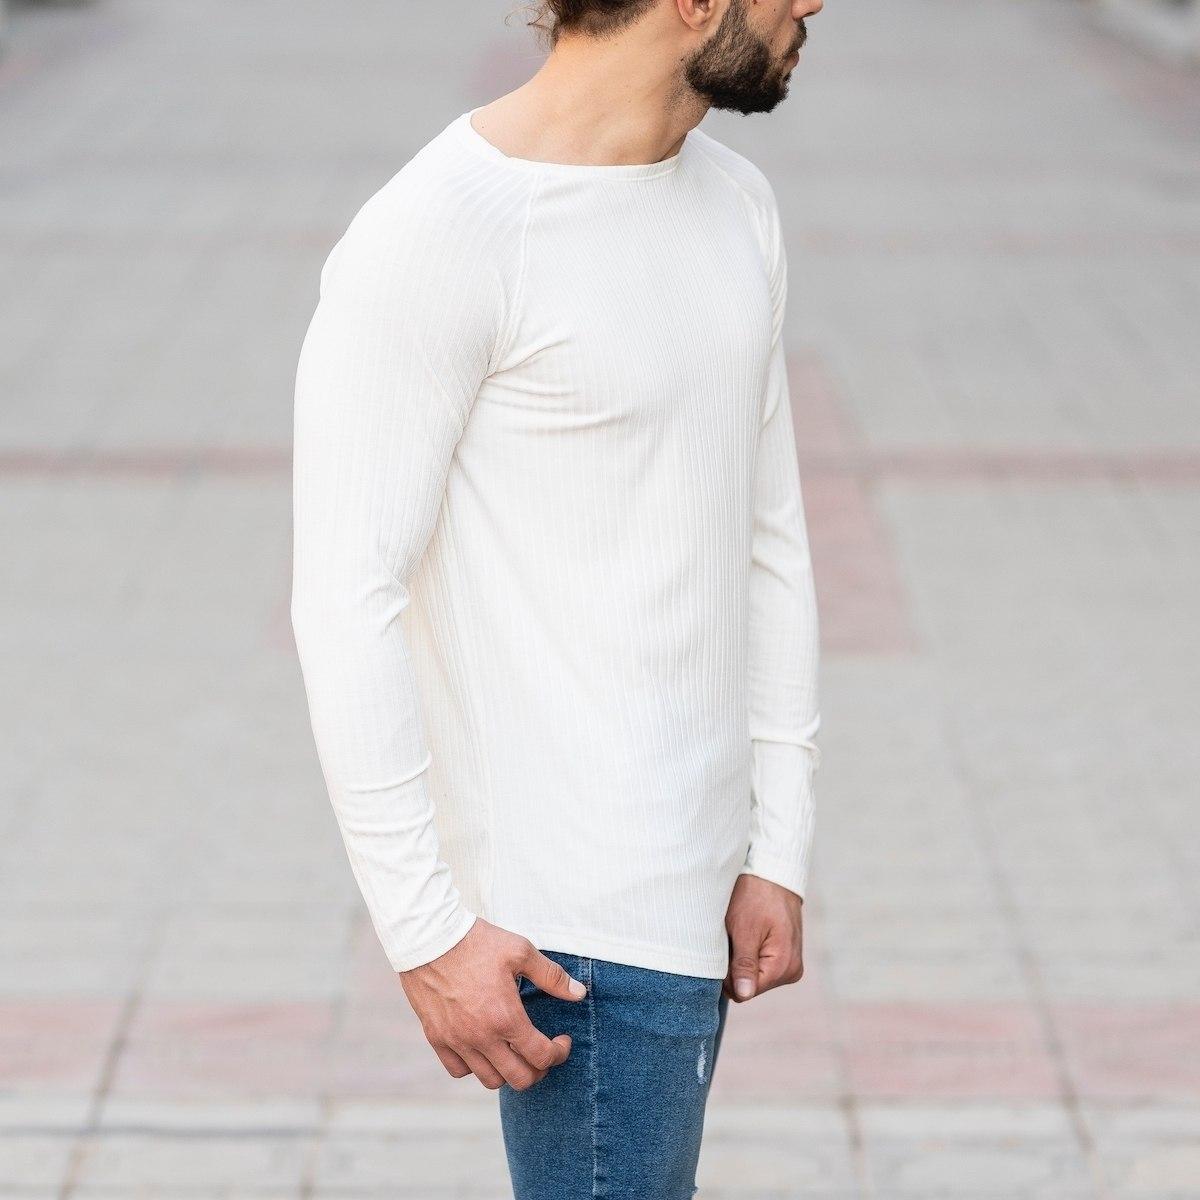 White Sweatshirt With Stripe Details Mv Premium Brand - 2